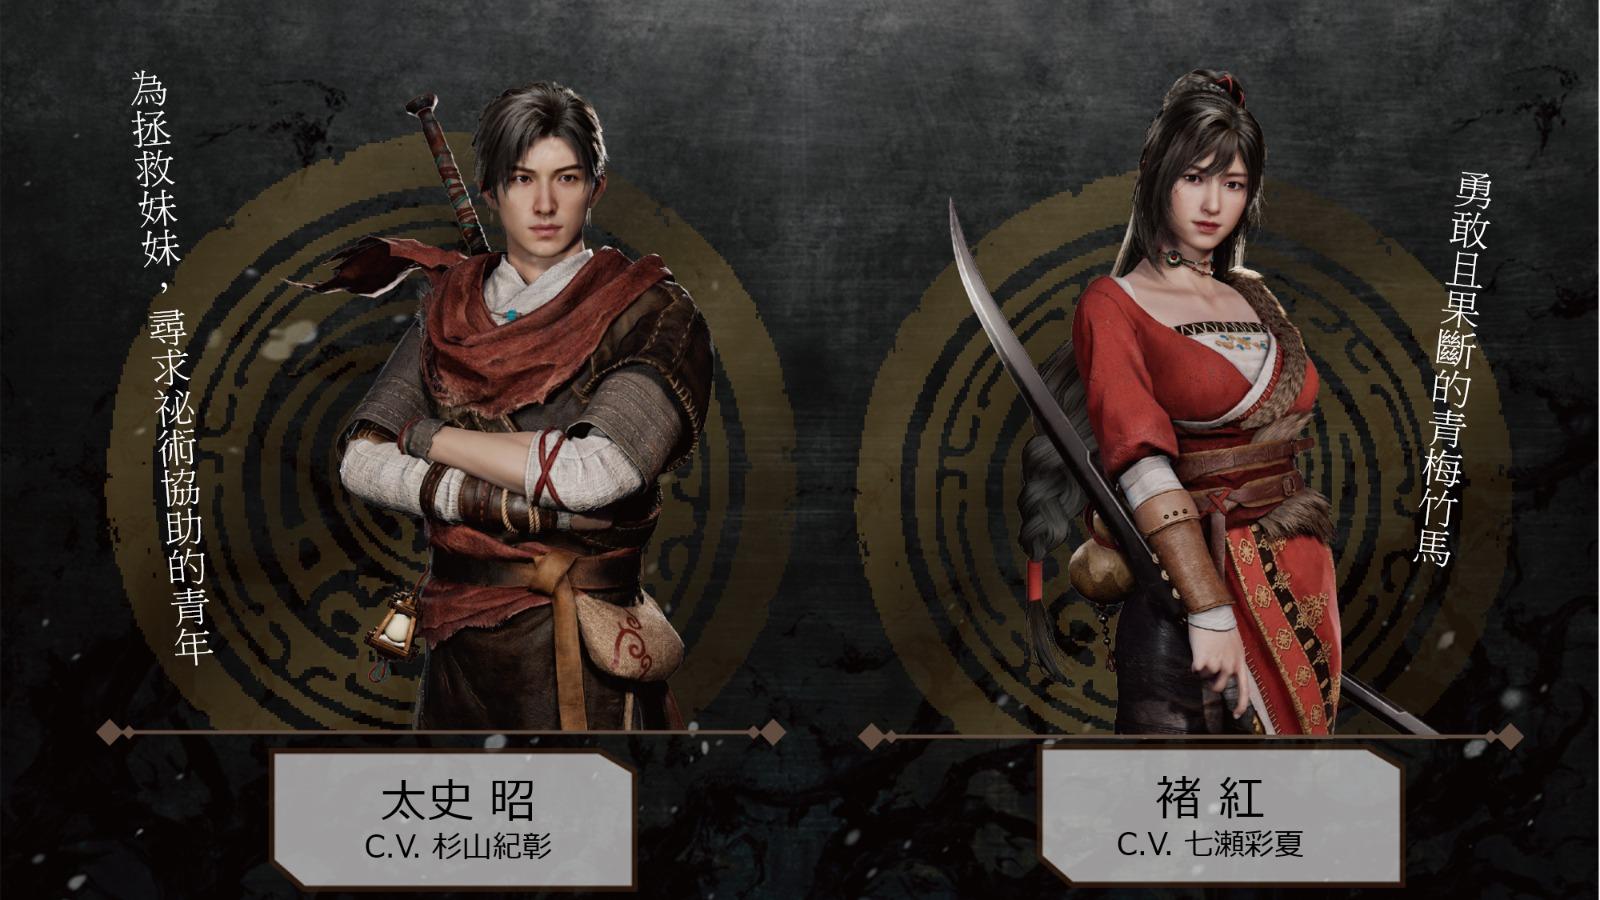 軒轅劍柒,大宇資訊,Xuan-Yuan Sword 7、PS4,PC,傑仕登,GSE,